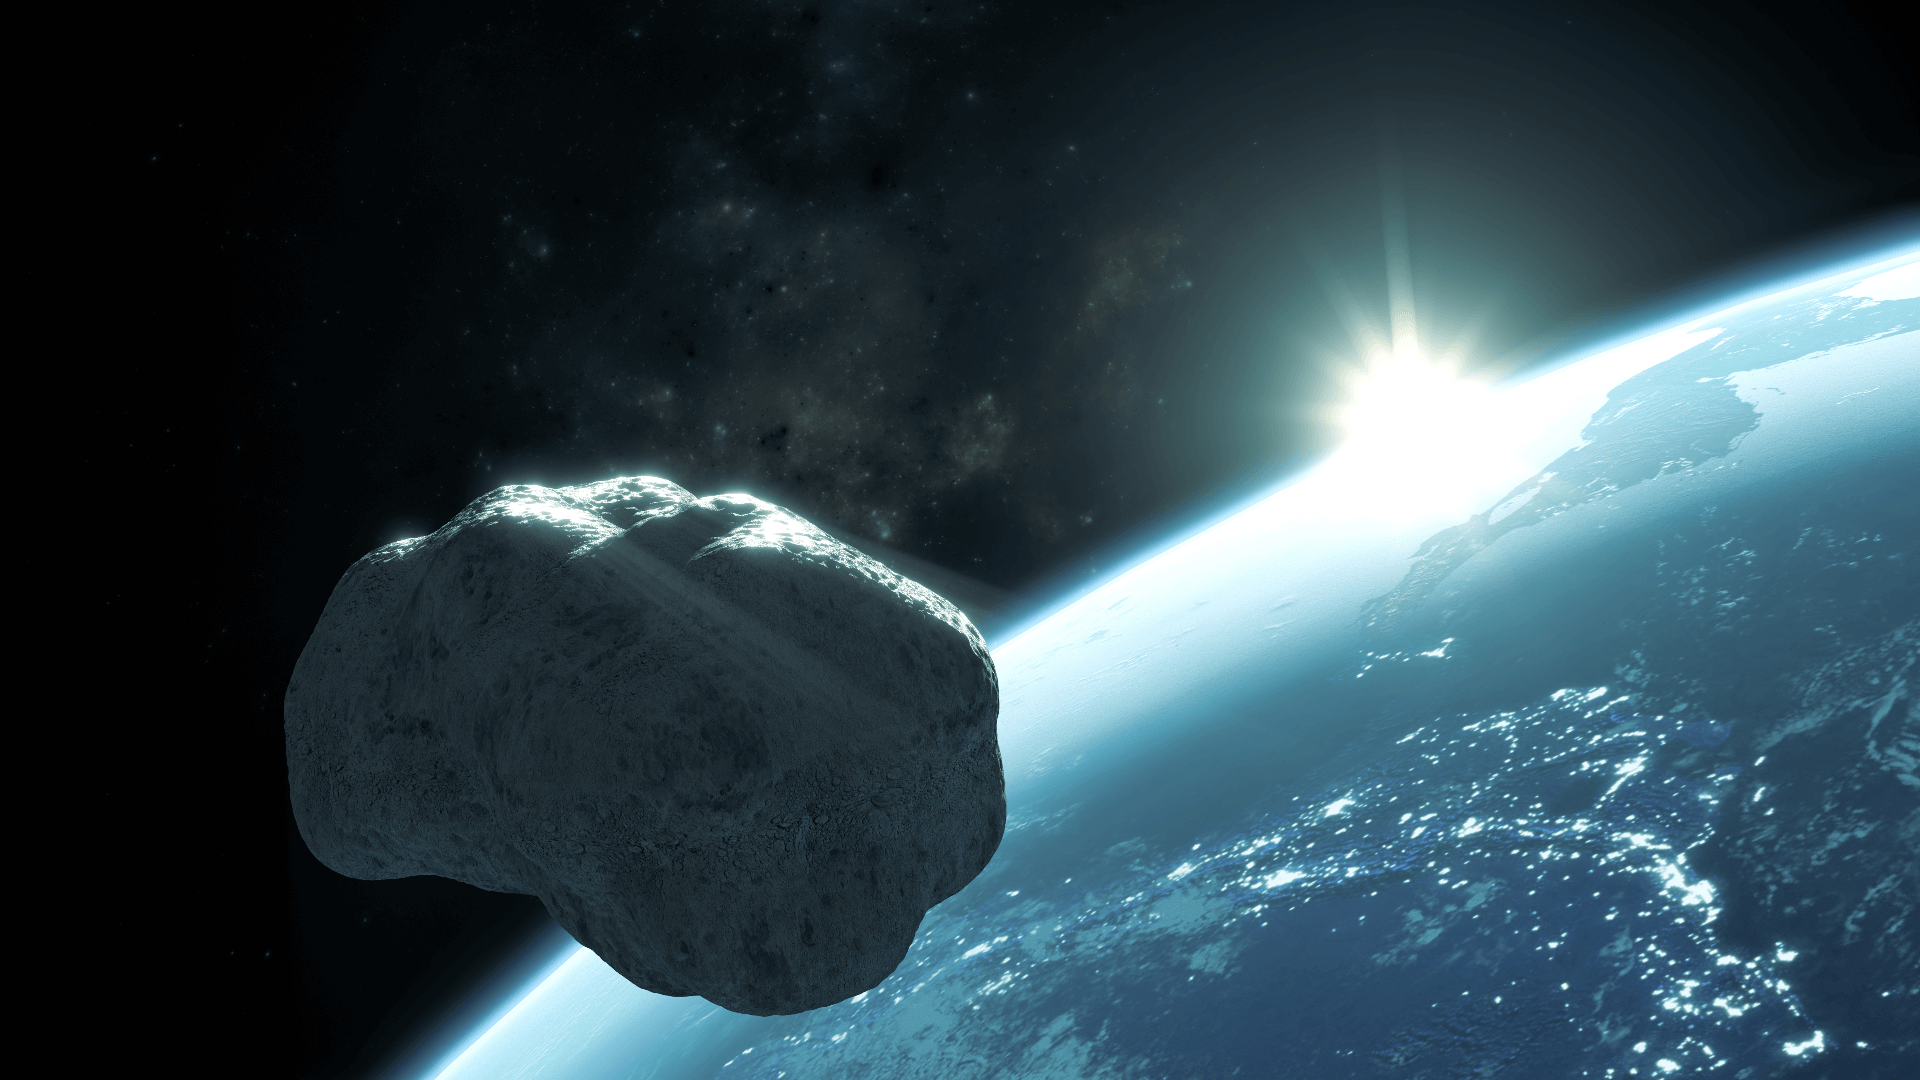 Der 350 Meter große Asteroid Apophis ist für die nächsten 100 Jahre keine Bedrohung